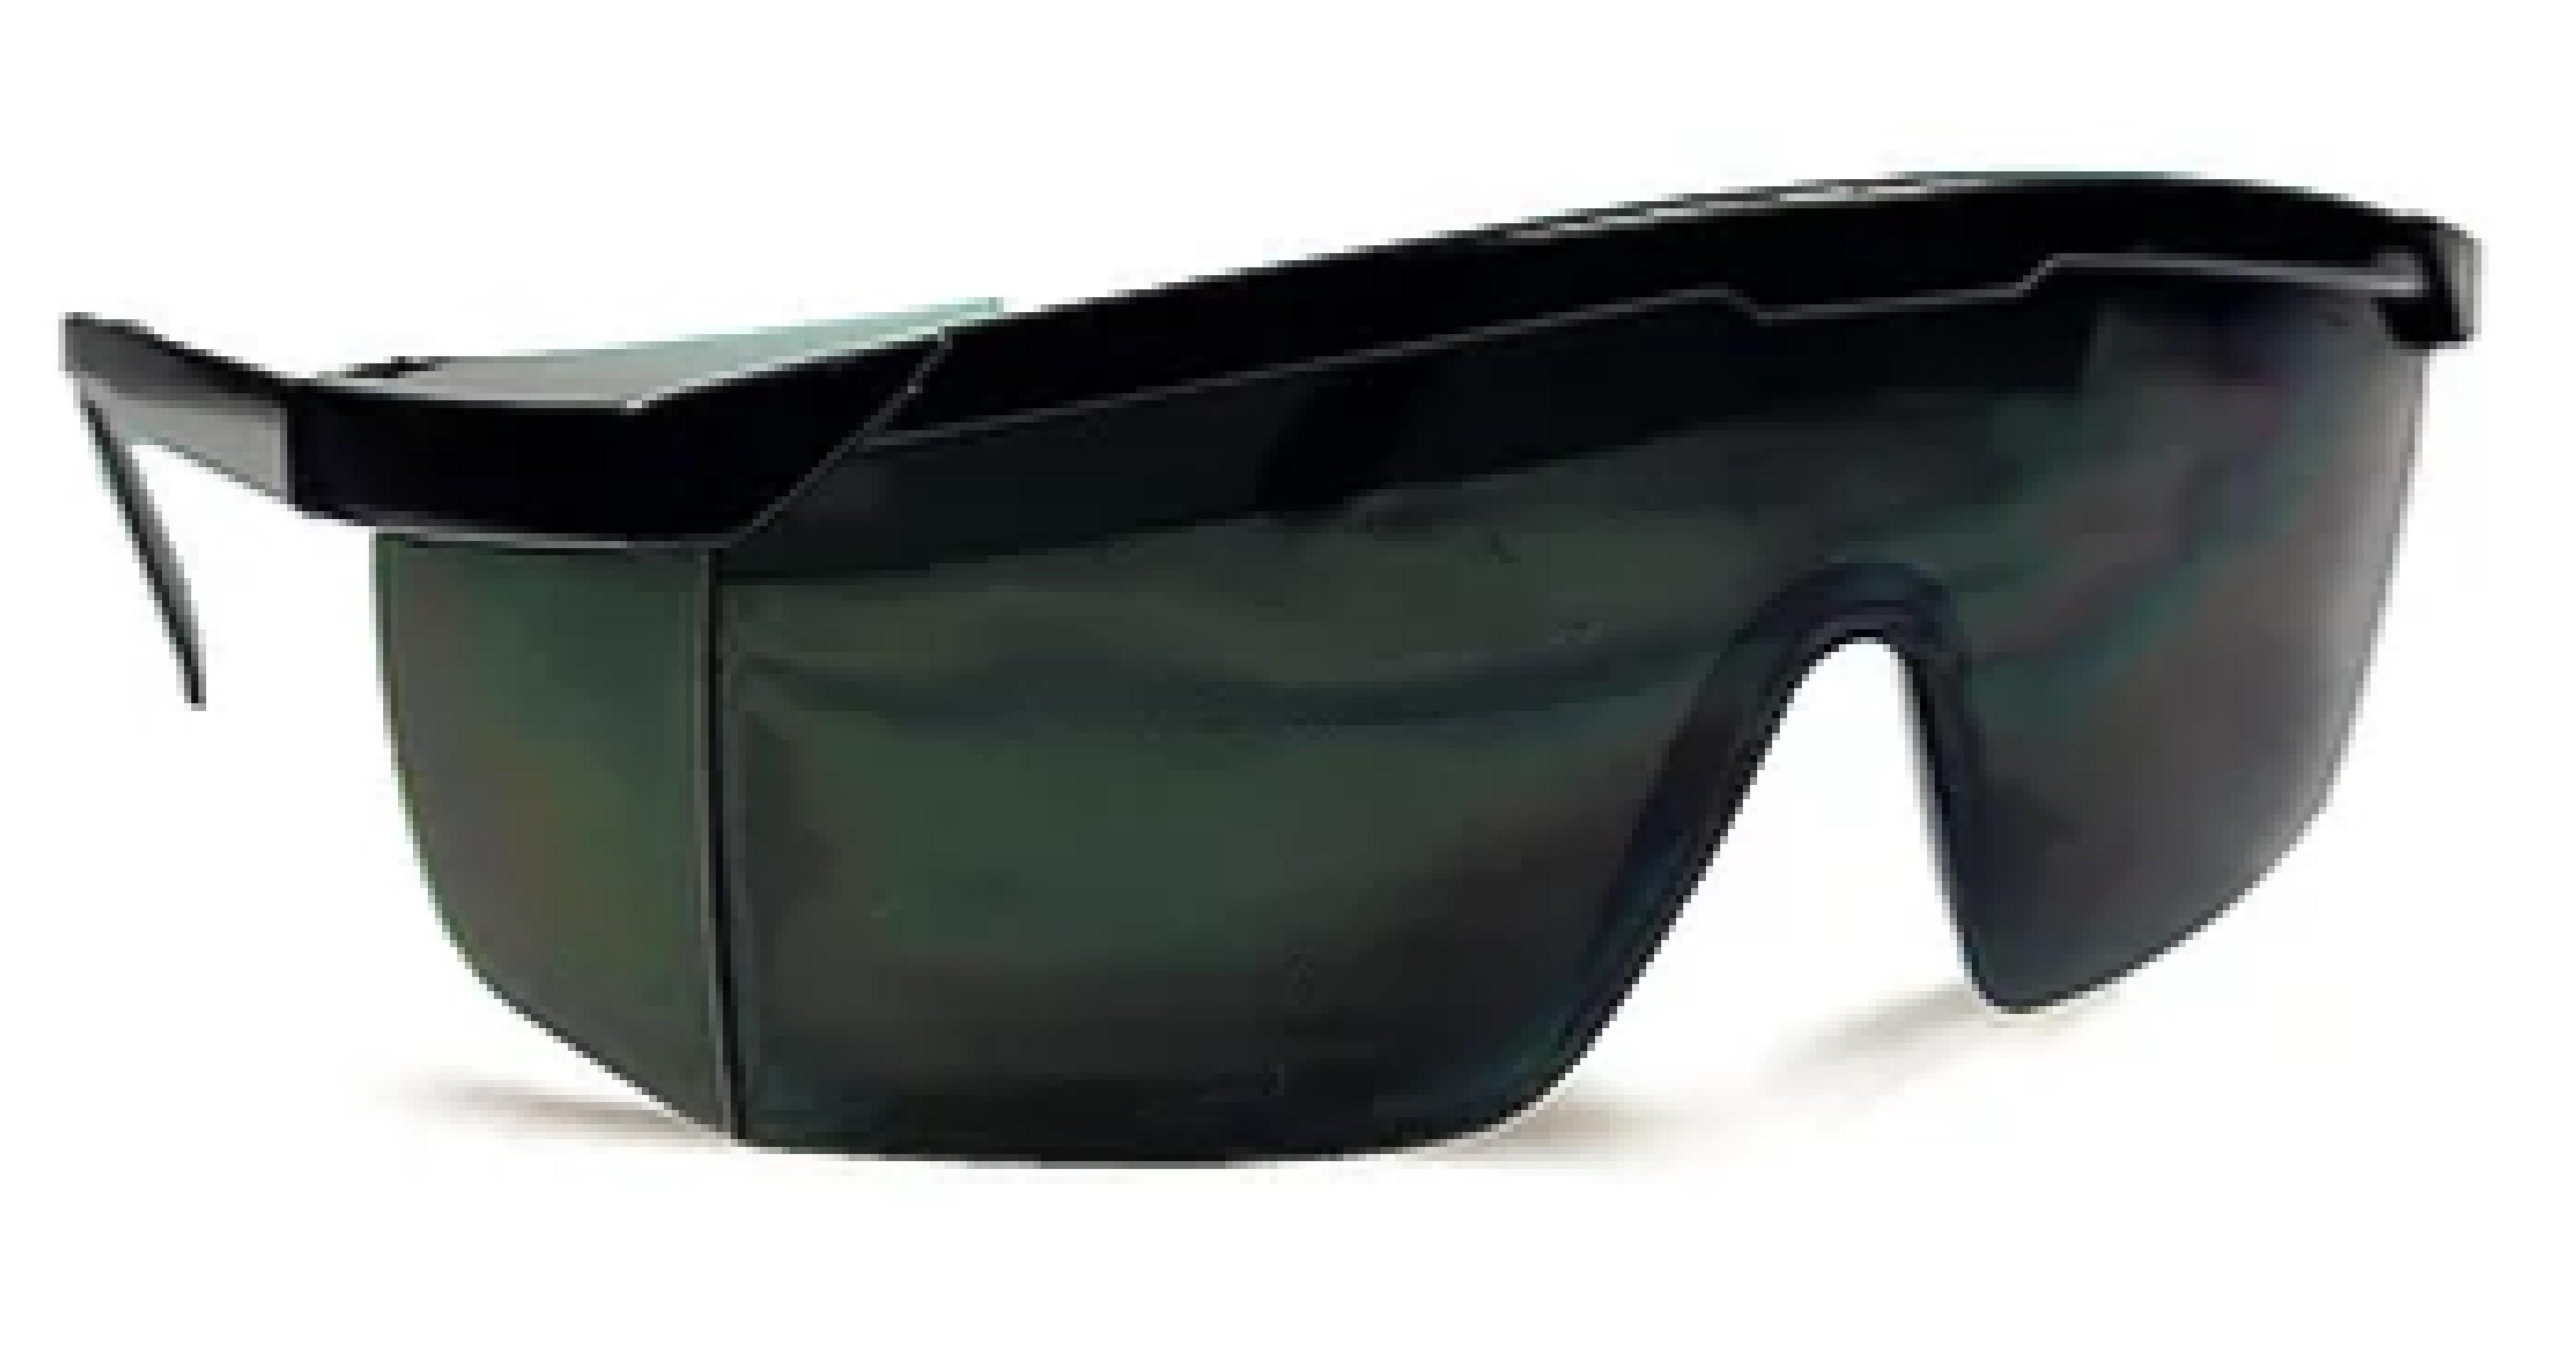 Frameless black safety mono lens goggles